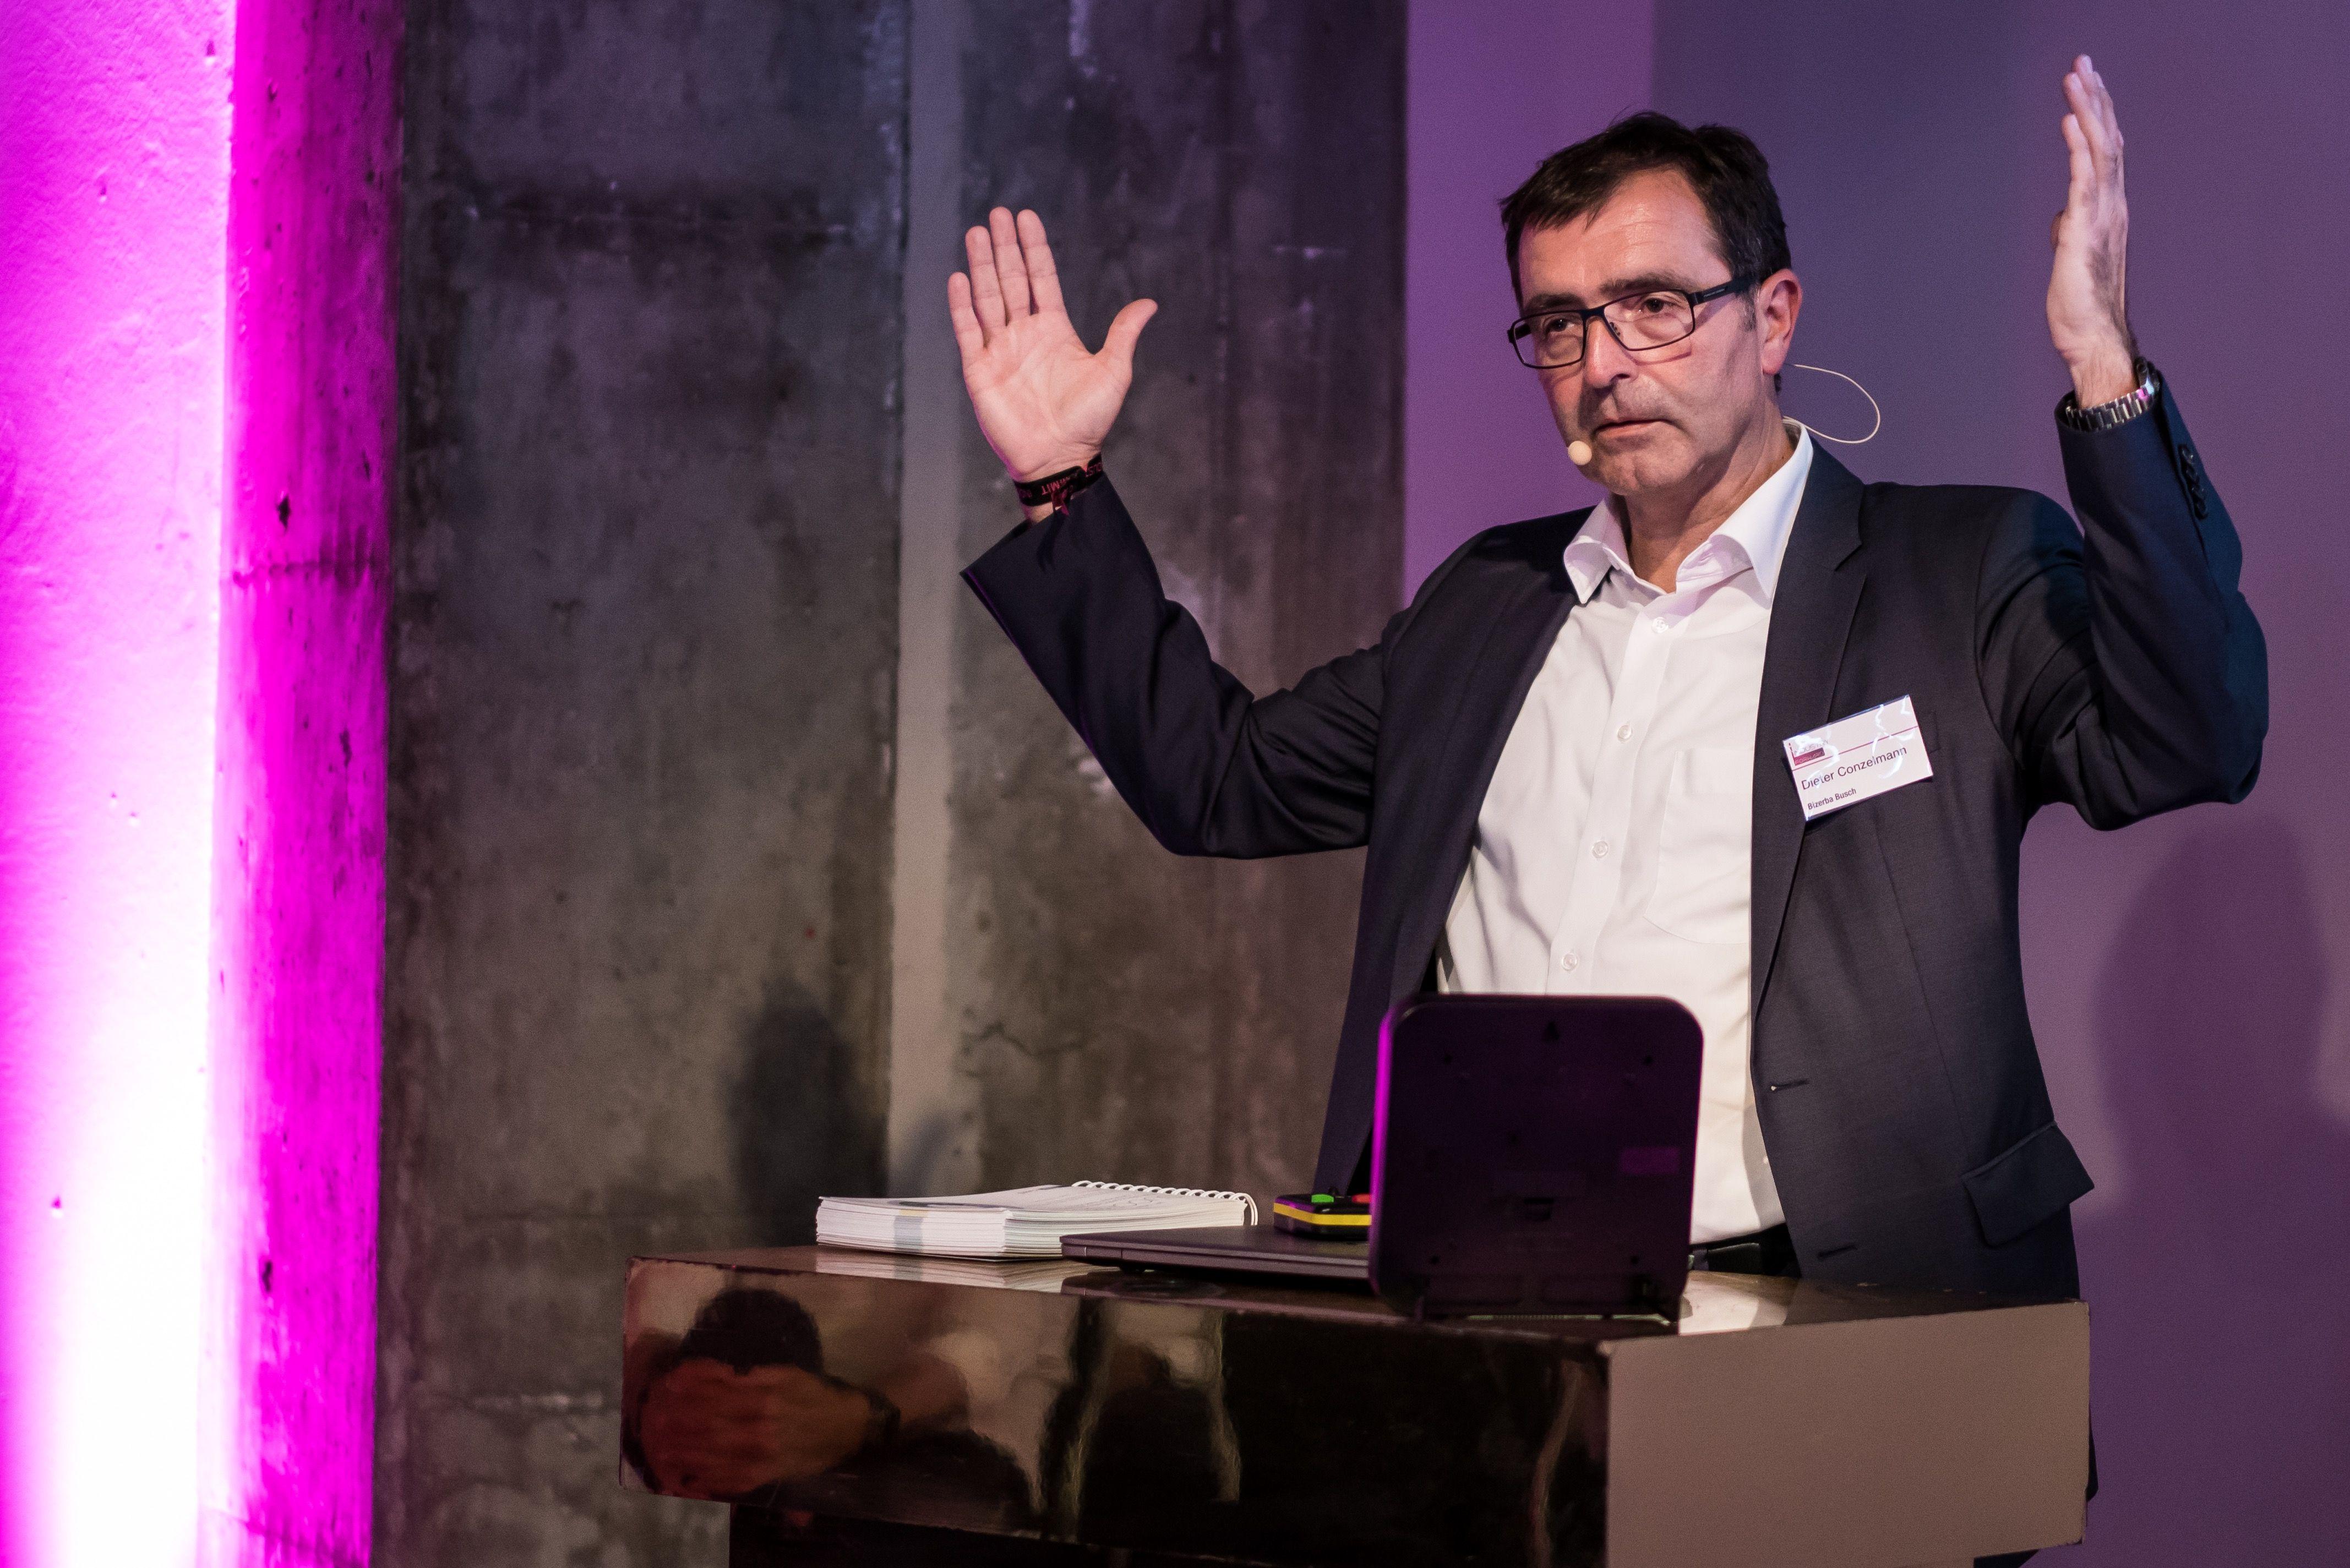 """Interview mit Industrie 4.0-Preisträger Dieter Conzelmann: """"Man muss die Mitarbeiter begeistern, die begeisterungsfähig sind anstelle derer, die nicht veränderungswillig sind."""""""